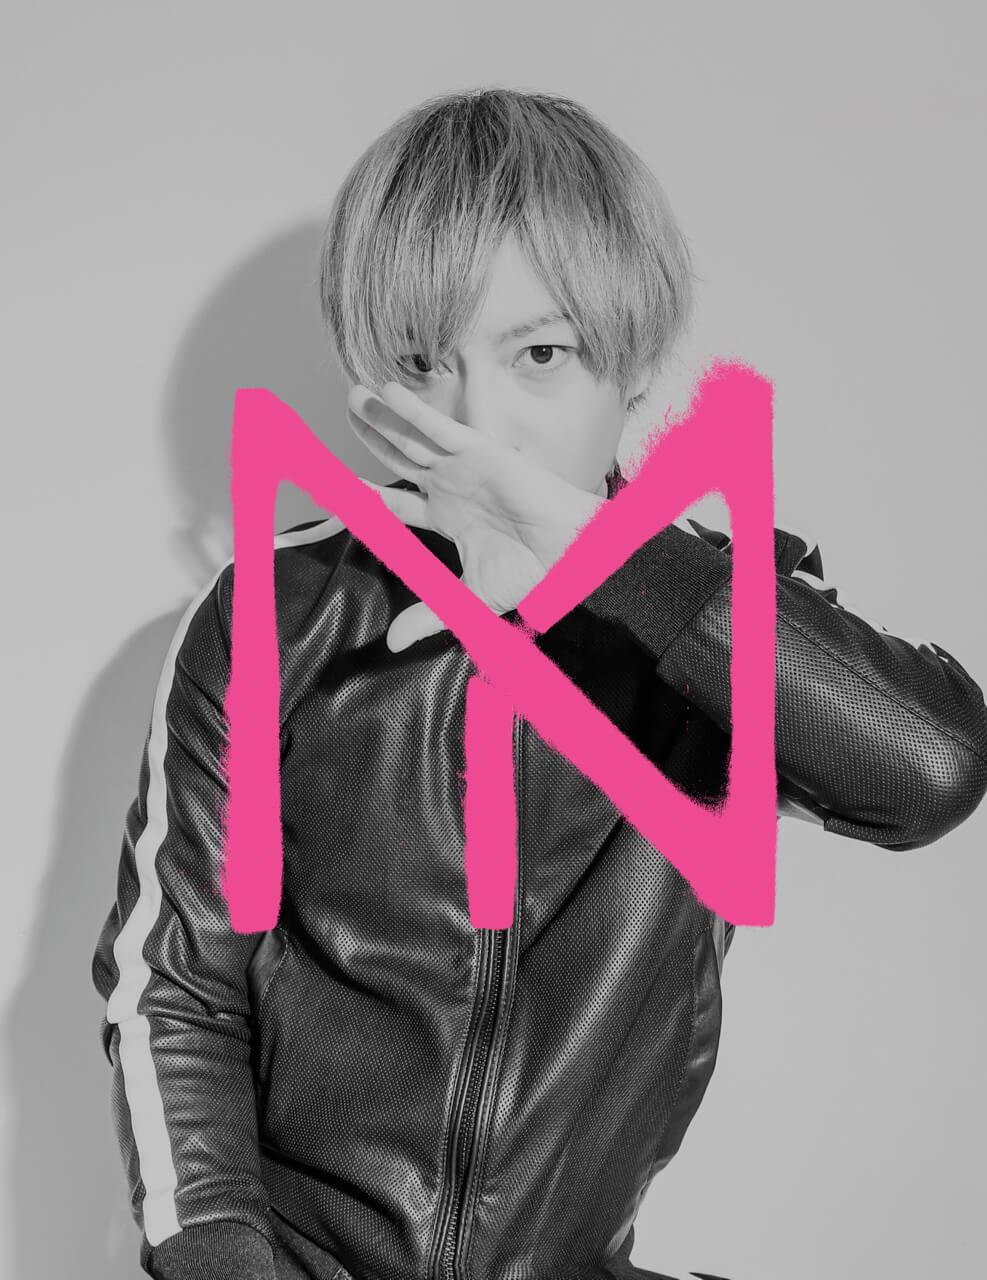 中田康貴 新專輯中的「White Cube feat. 苺rinahamu」即將數位上架! 中田康貴、